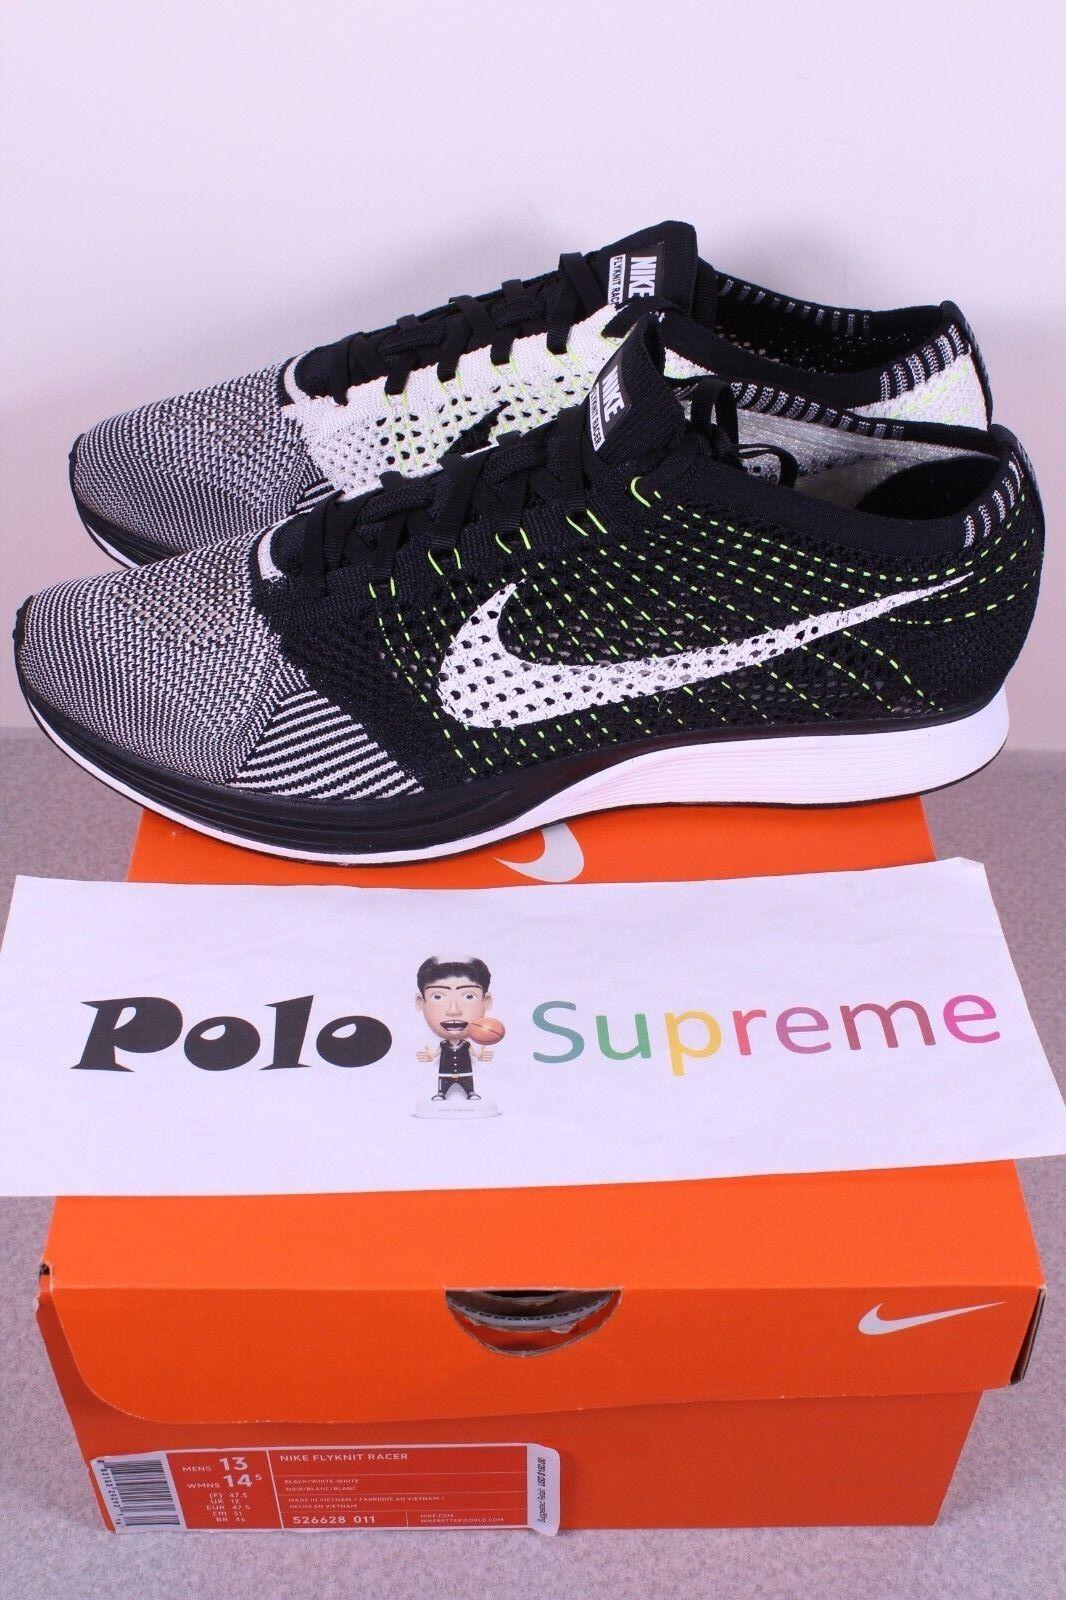 Nike Flyknit Racer Black White Volt 526628 011 New Running